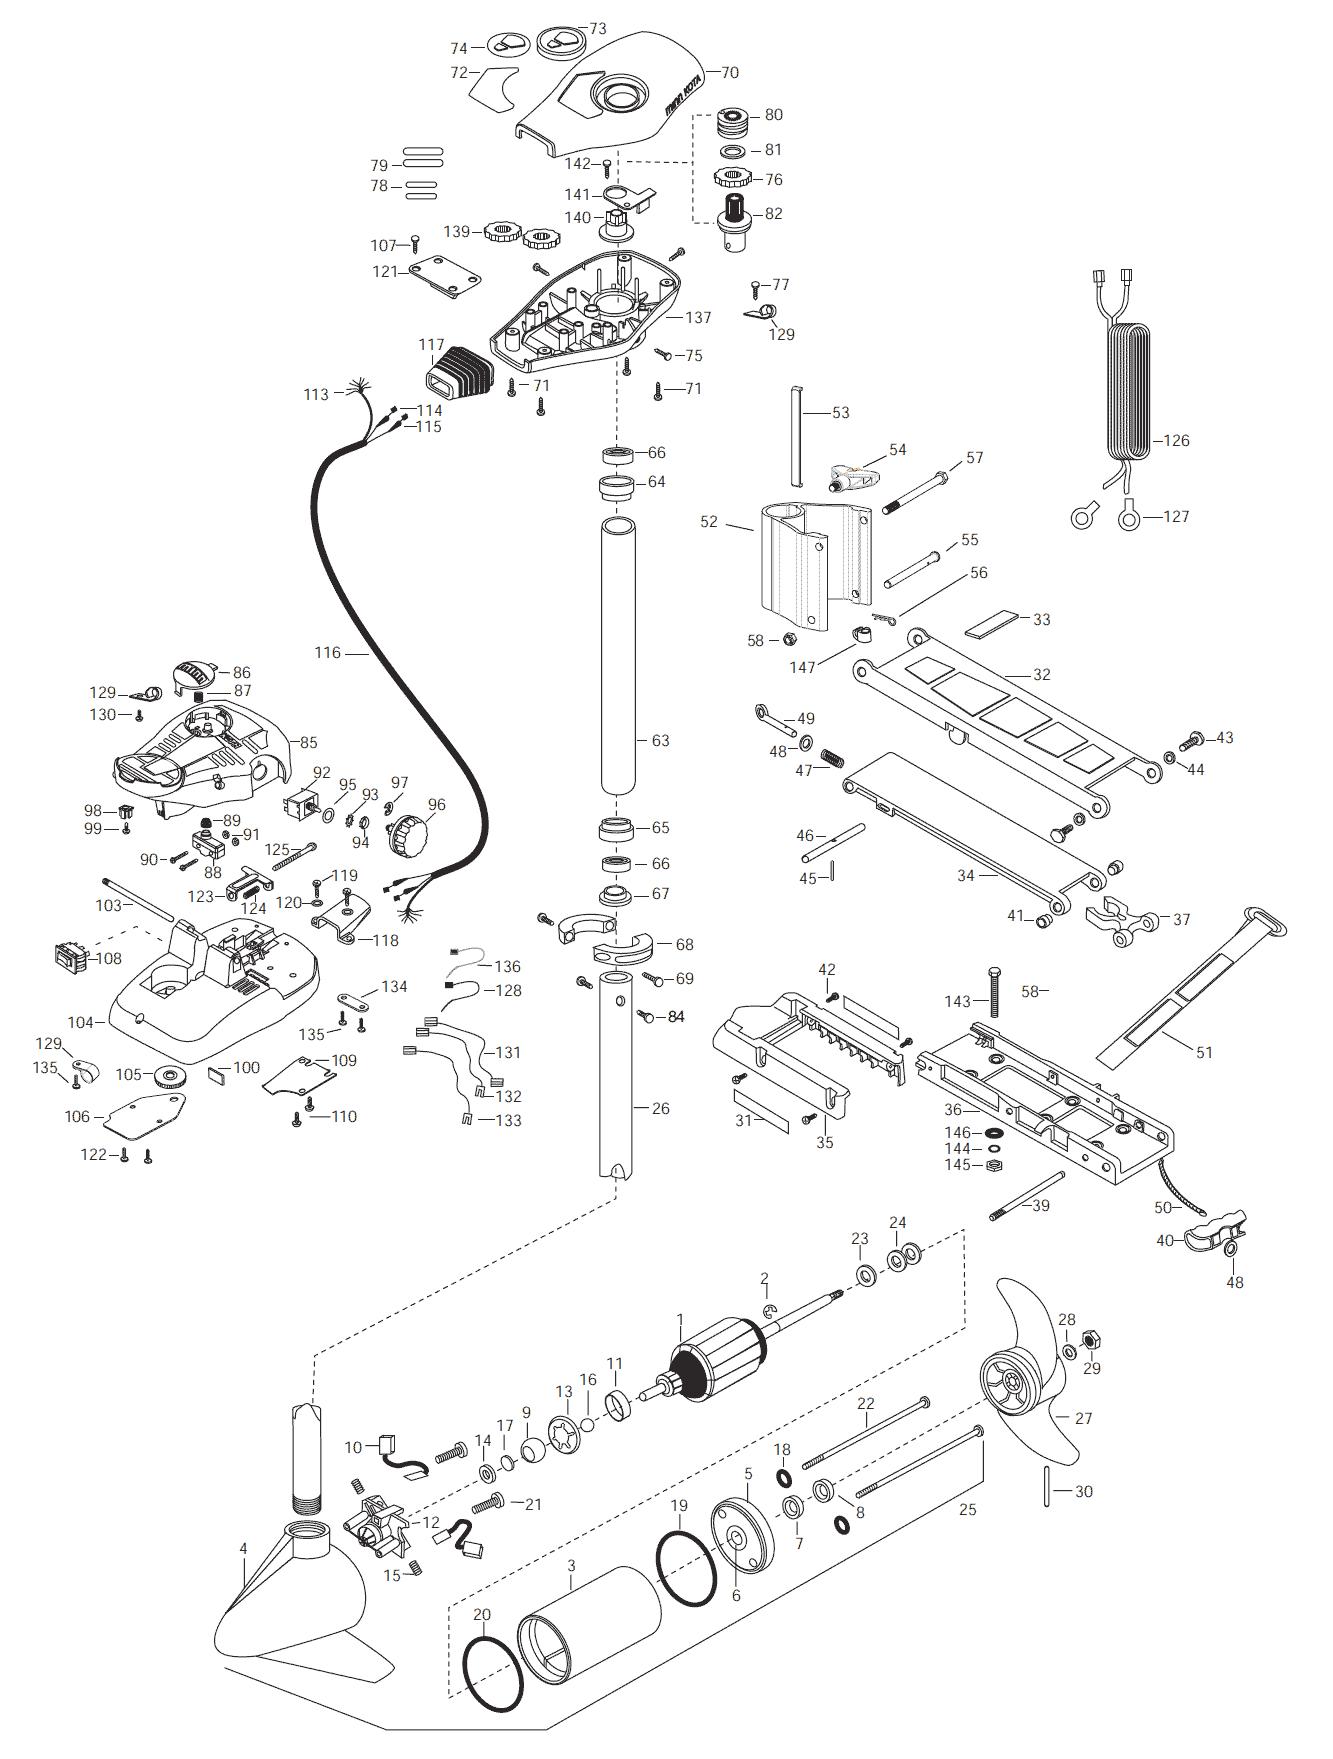 minn kota fortrex 80 parts diagram kicker solo baric l5 wiring all terrain 40 42 inch 2003 from